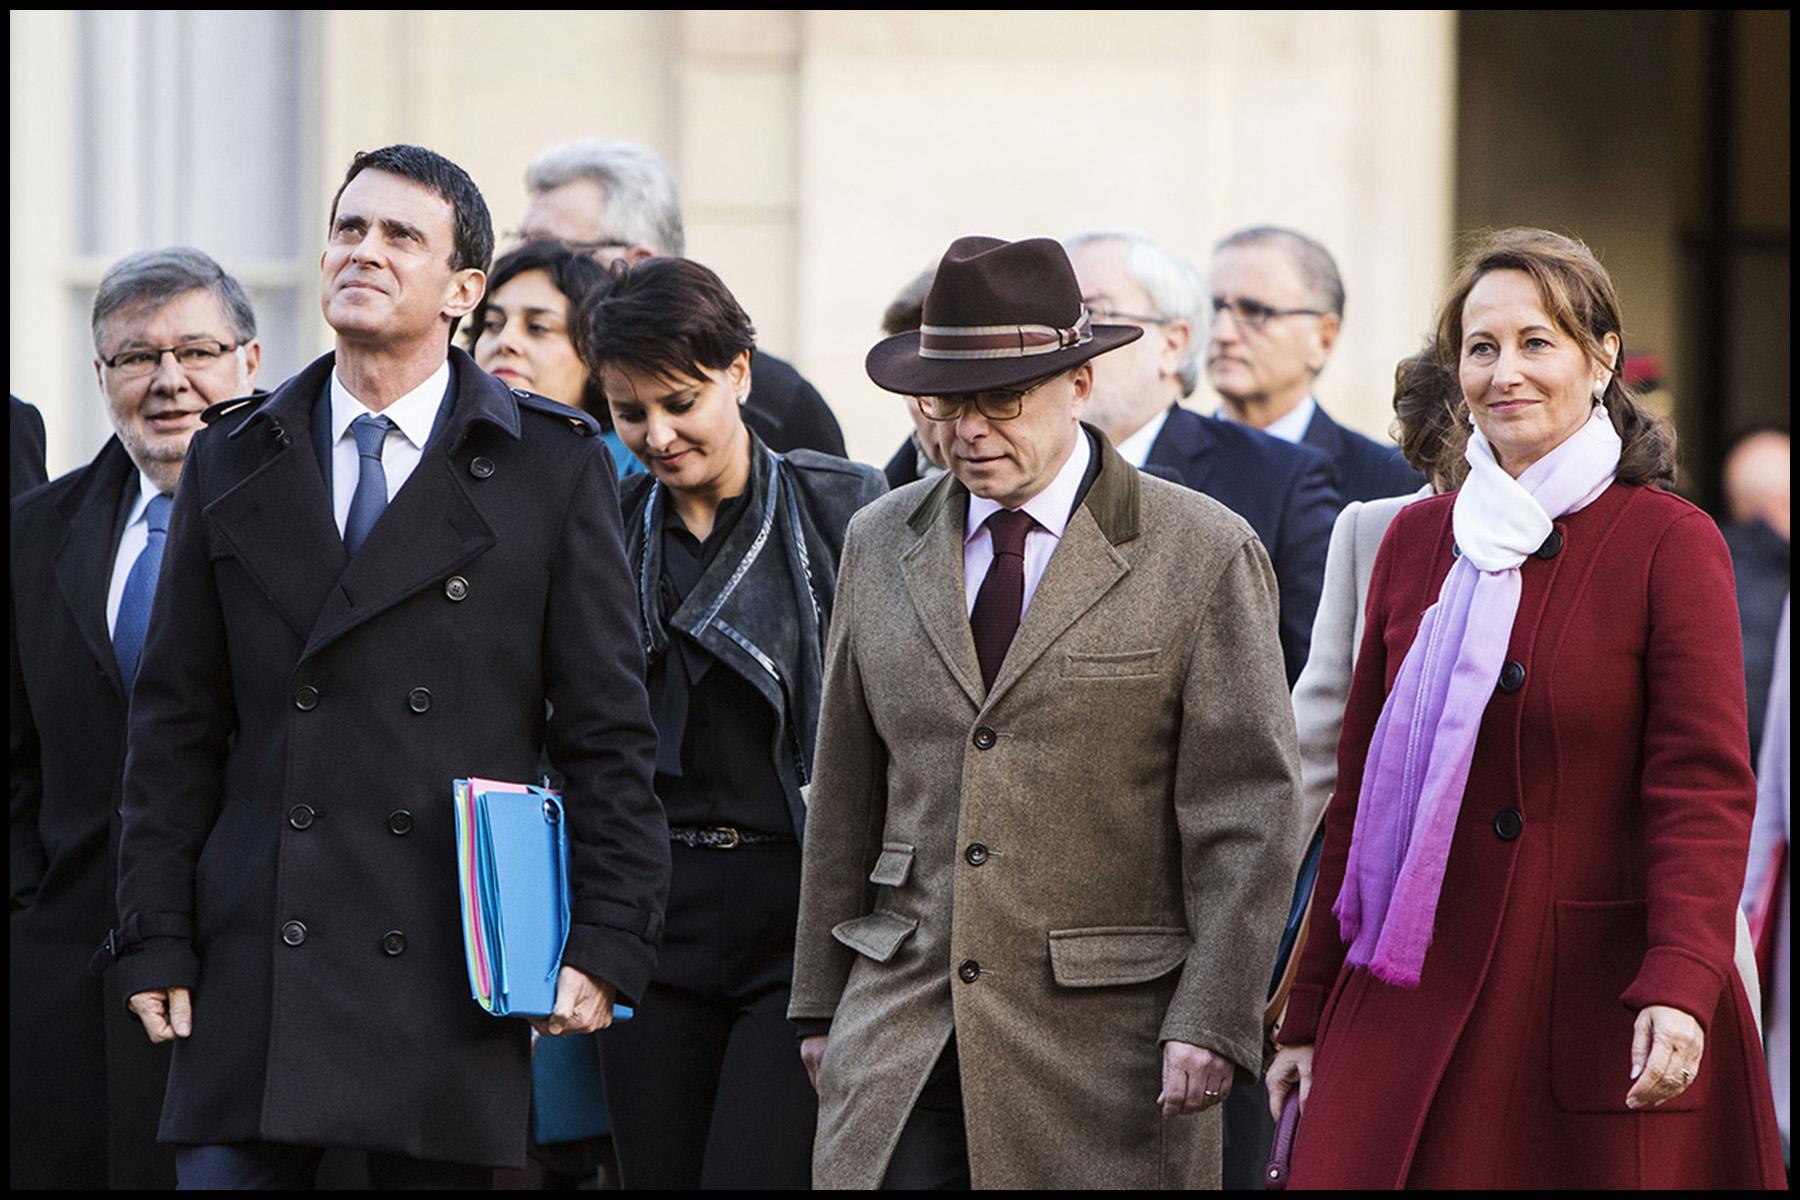 A l'occasion du 1er conseil des ministres de l'année, le gouvernement vient à pied du ministère de l'intérieur place beauvau, à l'Elysée.